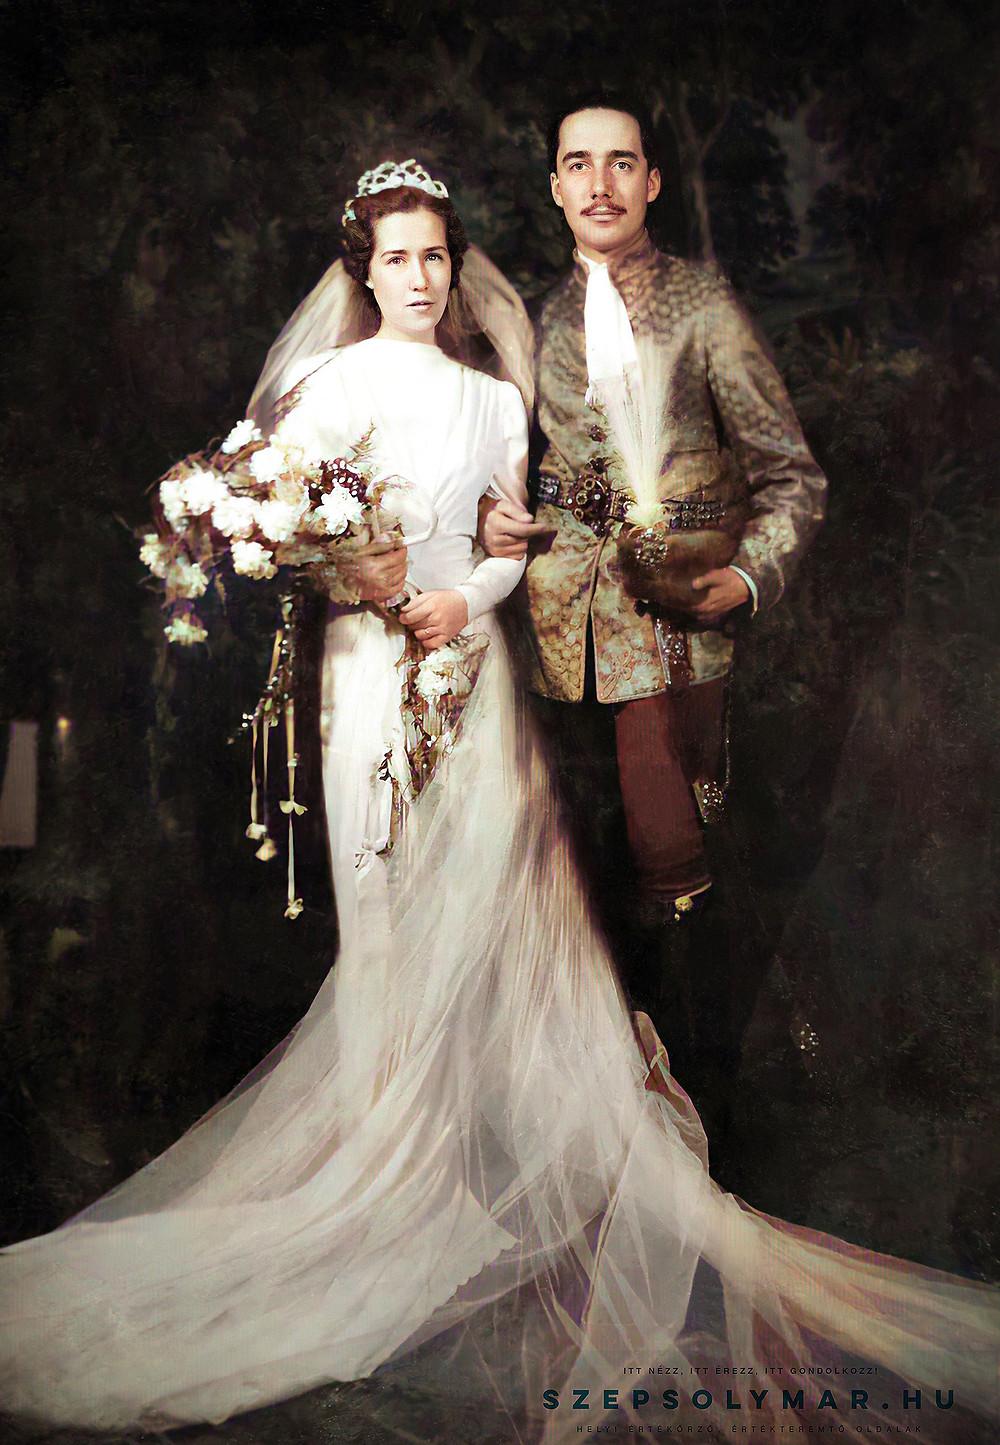 Patay Ferenc és Lindelof Alice esküvője (1938)